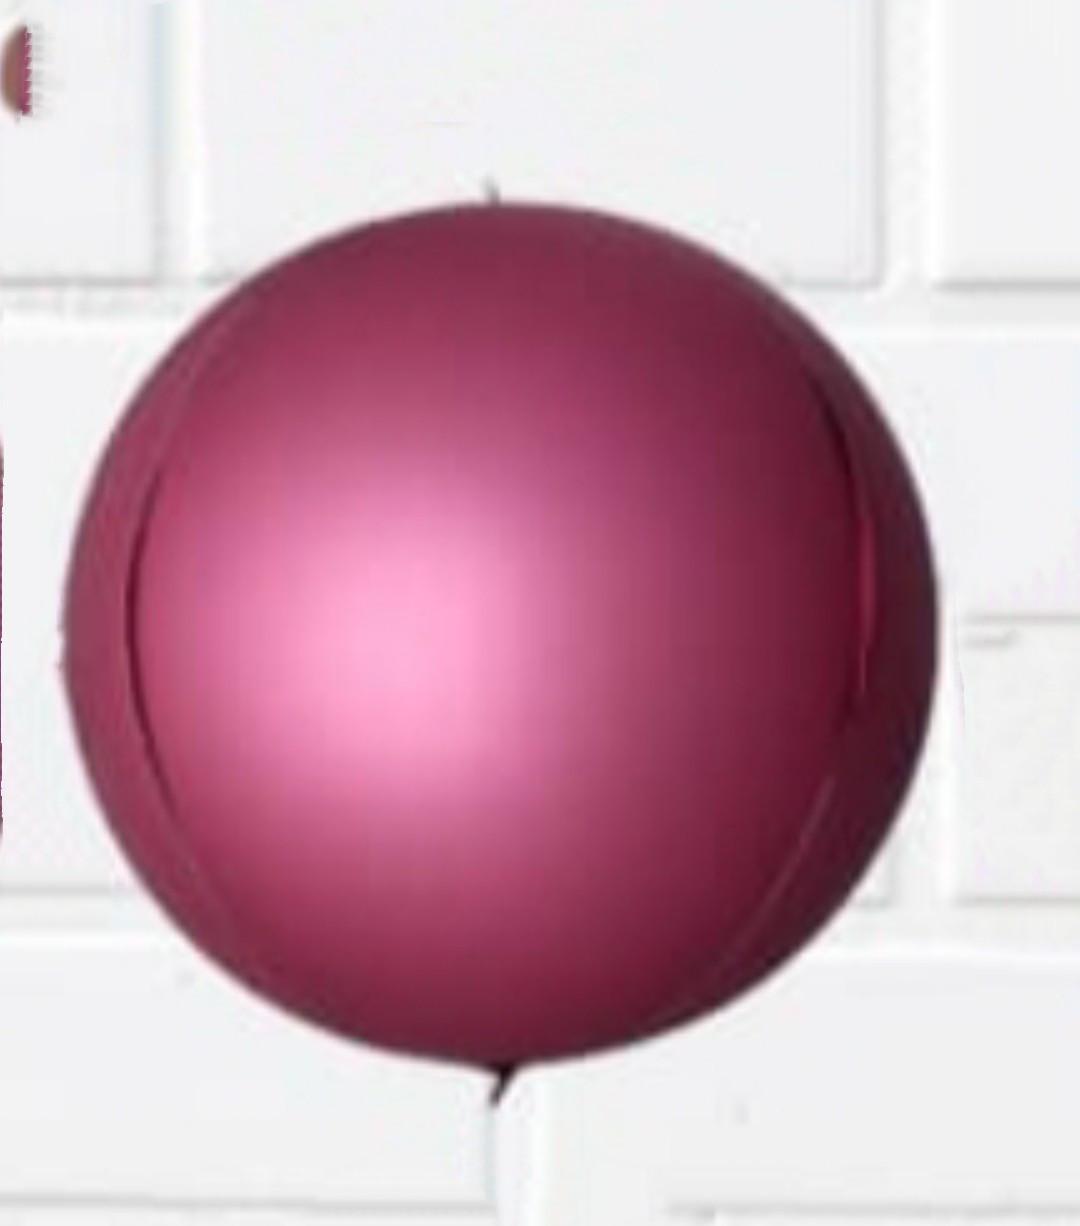 Фольгированный шар сфера 3D, бургундия хром, 10 дюймов/25 см.